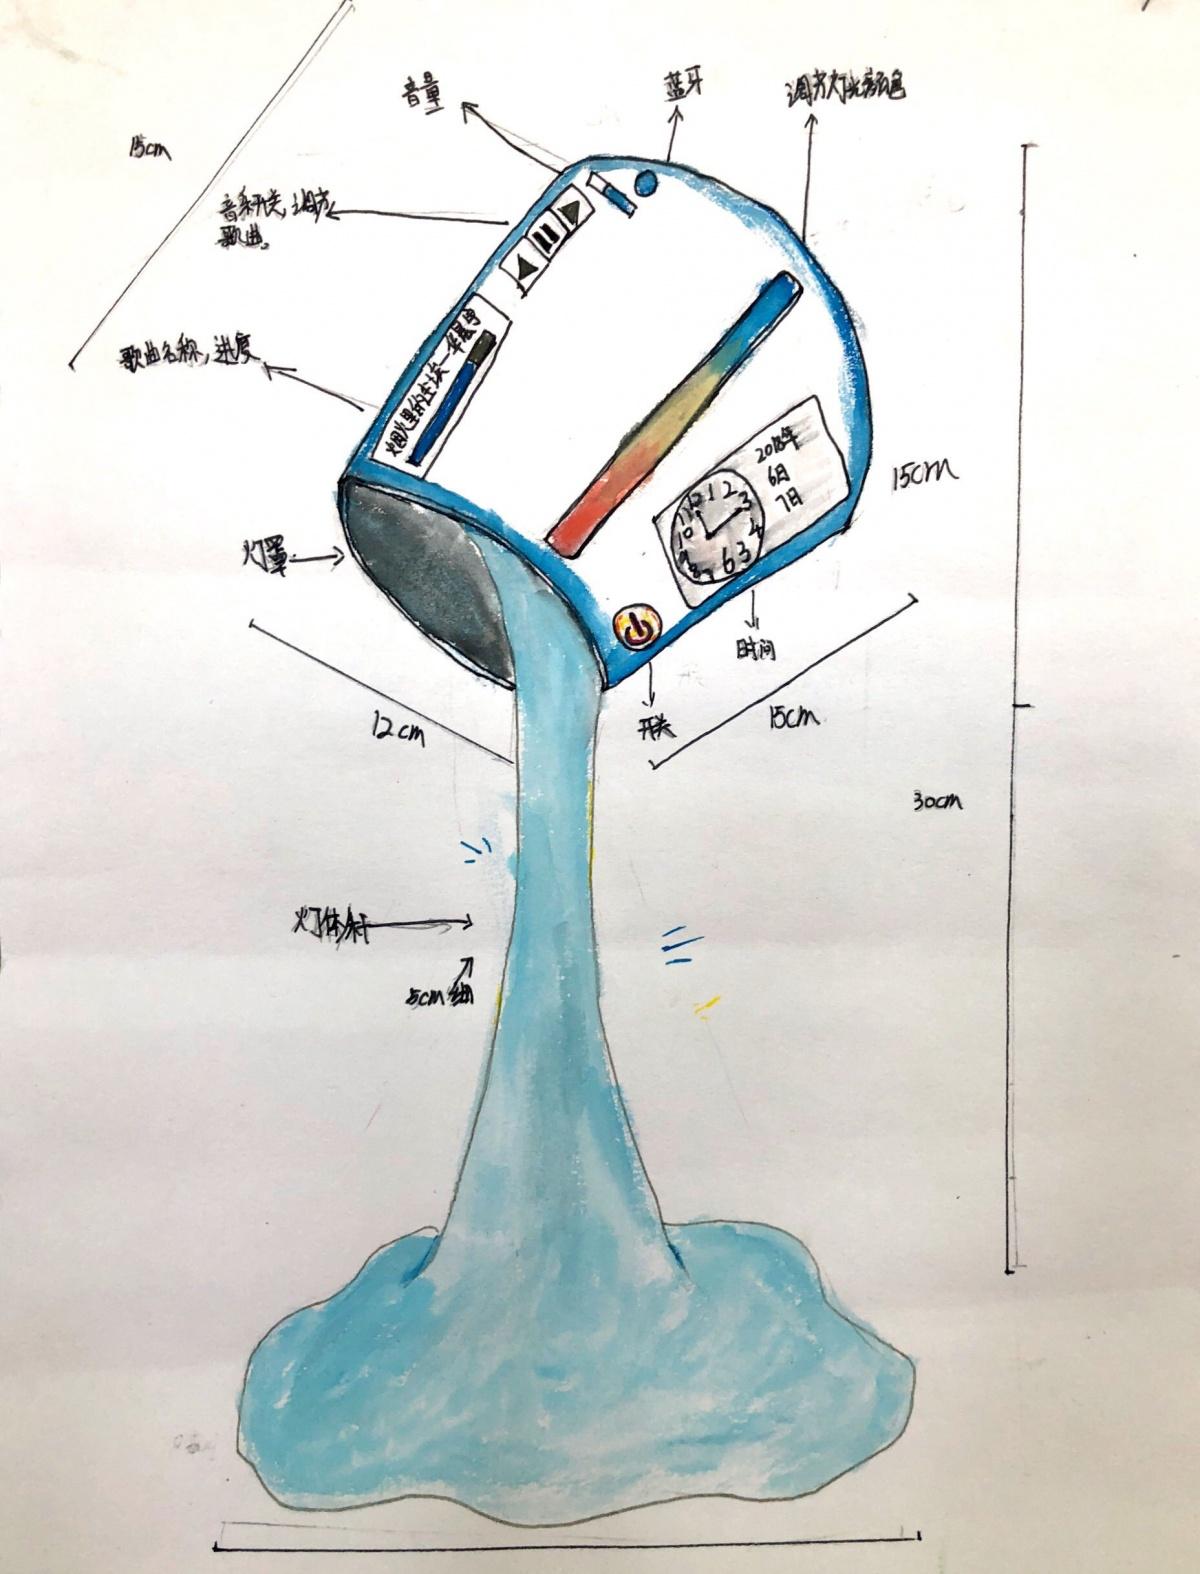 作品名称创意台灯 作者刘可欣 年龄11岁 家长联系方式13520512746学校大兴区瀛海镇第一中心小学 指导教师陈洪玲.jpg